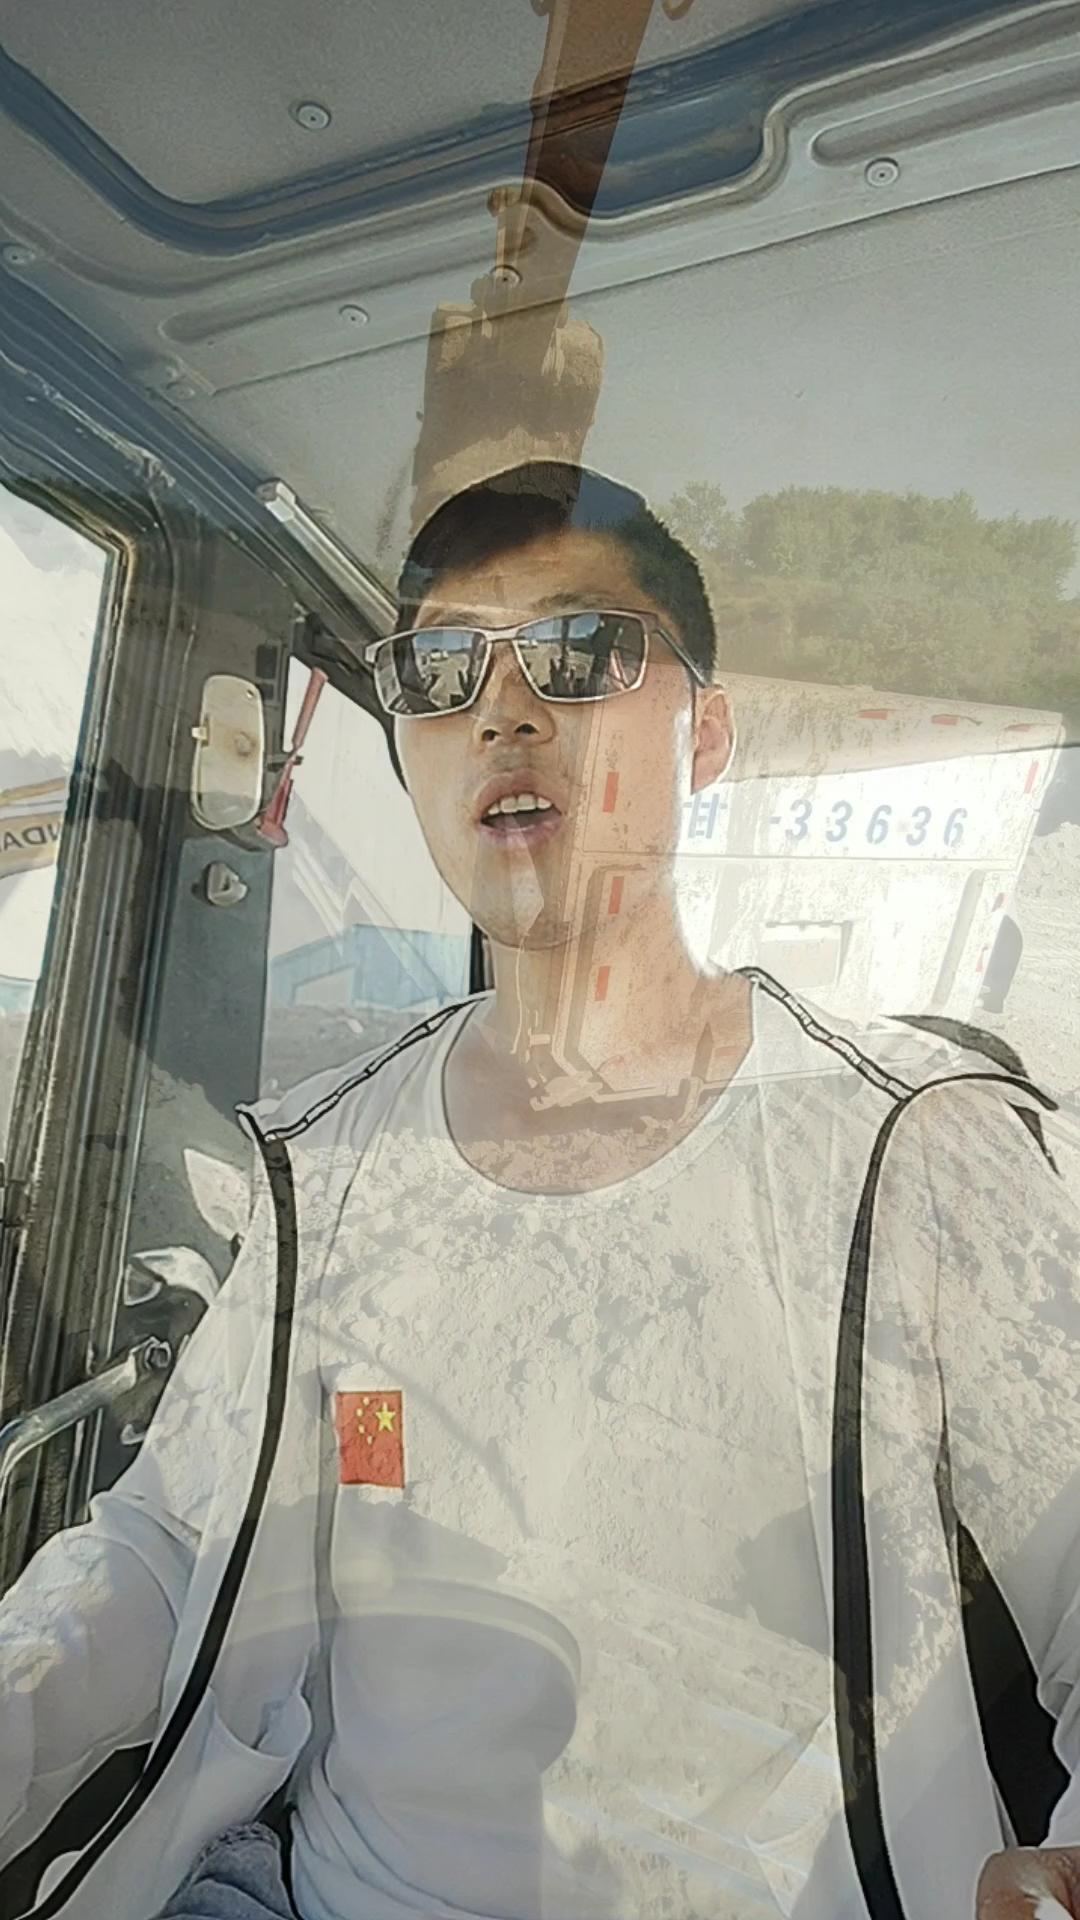 【鐵甲視頻】考生加油!我在工地等你們!